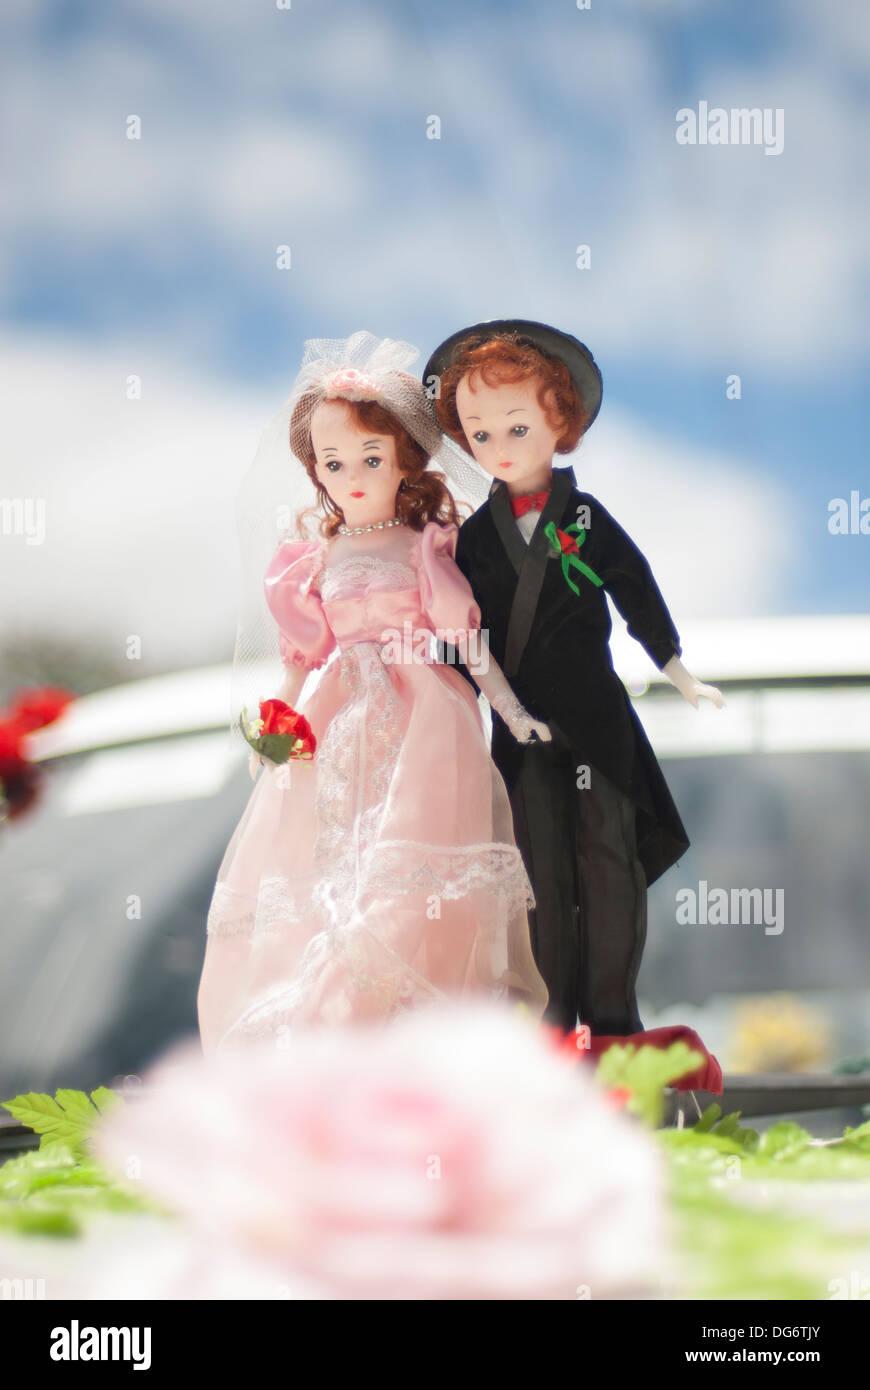 Miniatur-Braut und Bräutigam-Puppen Stockfoto